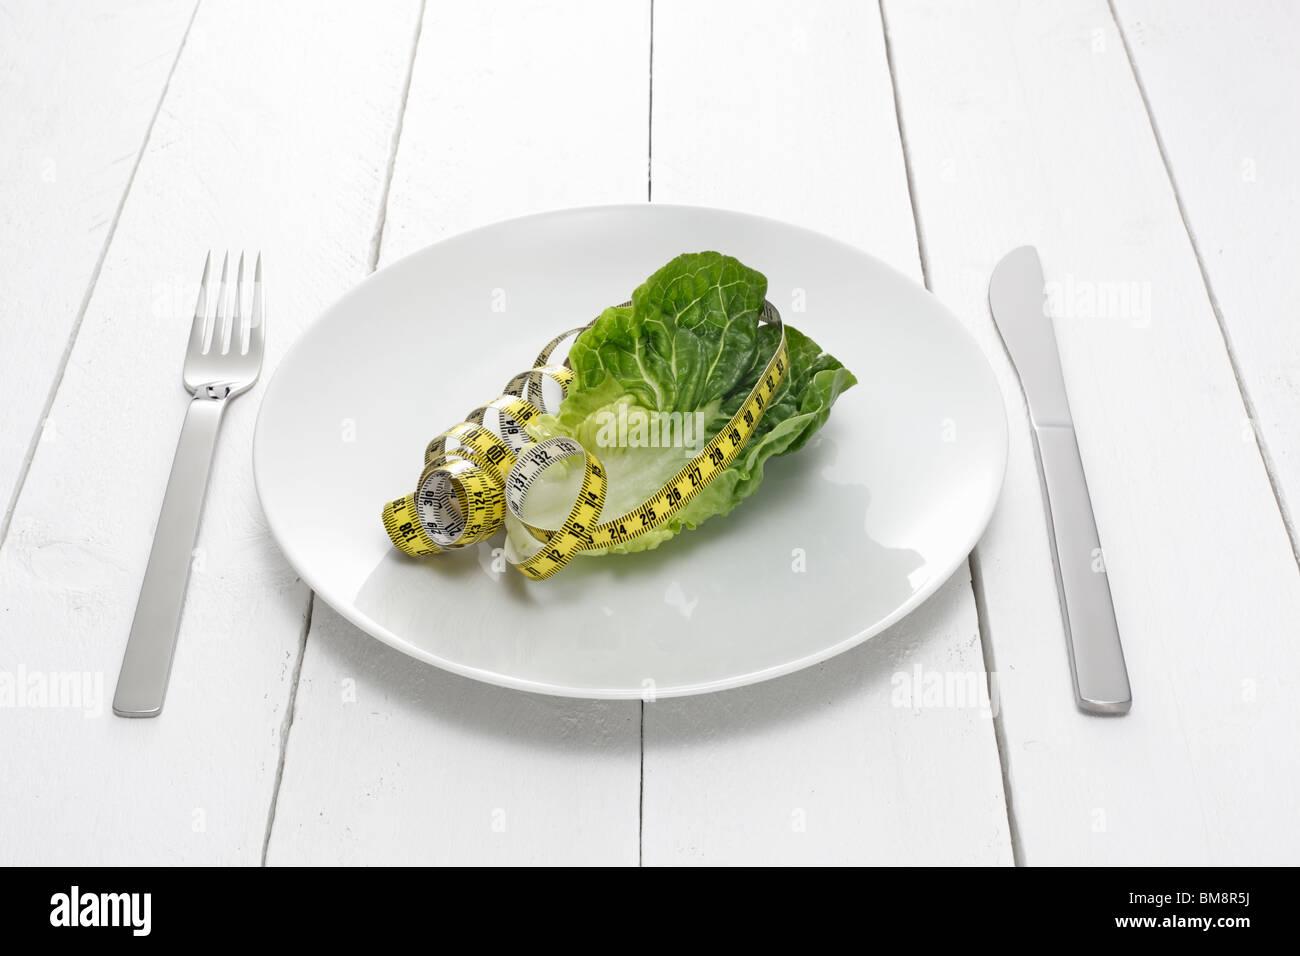 Teller mit Salatblatt und Massband - Stock Image